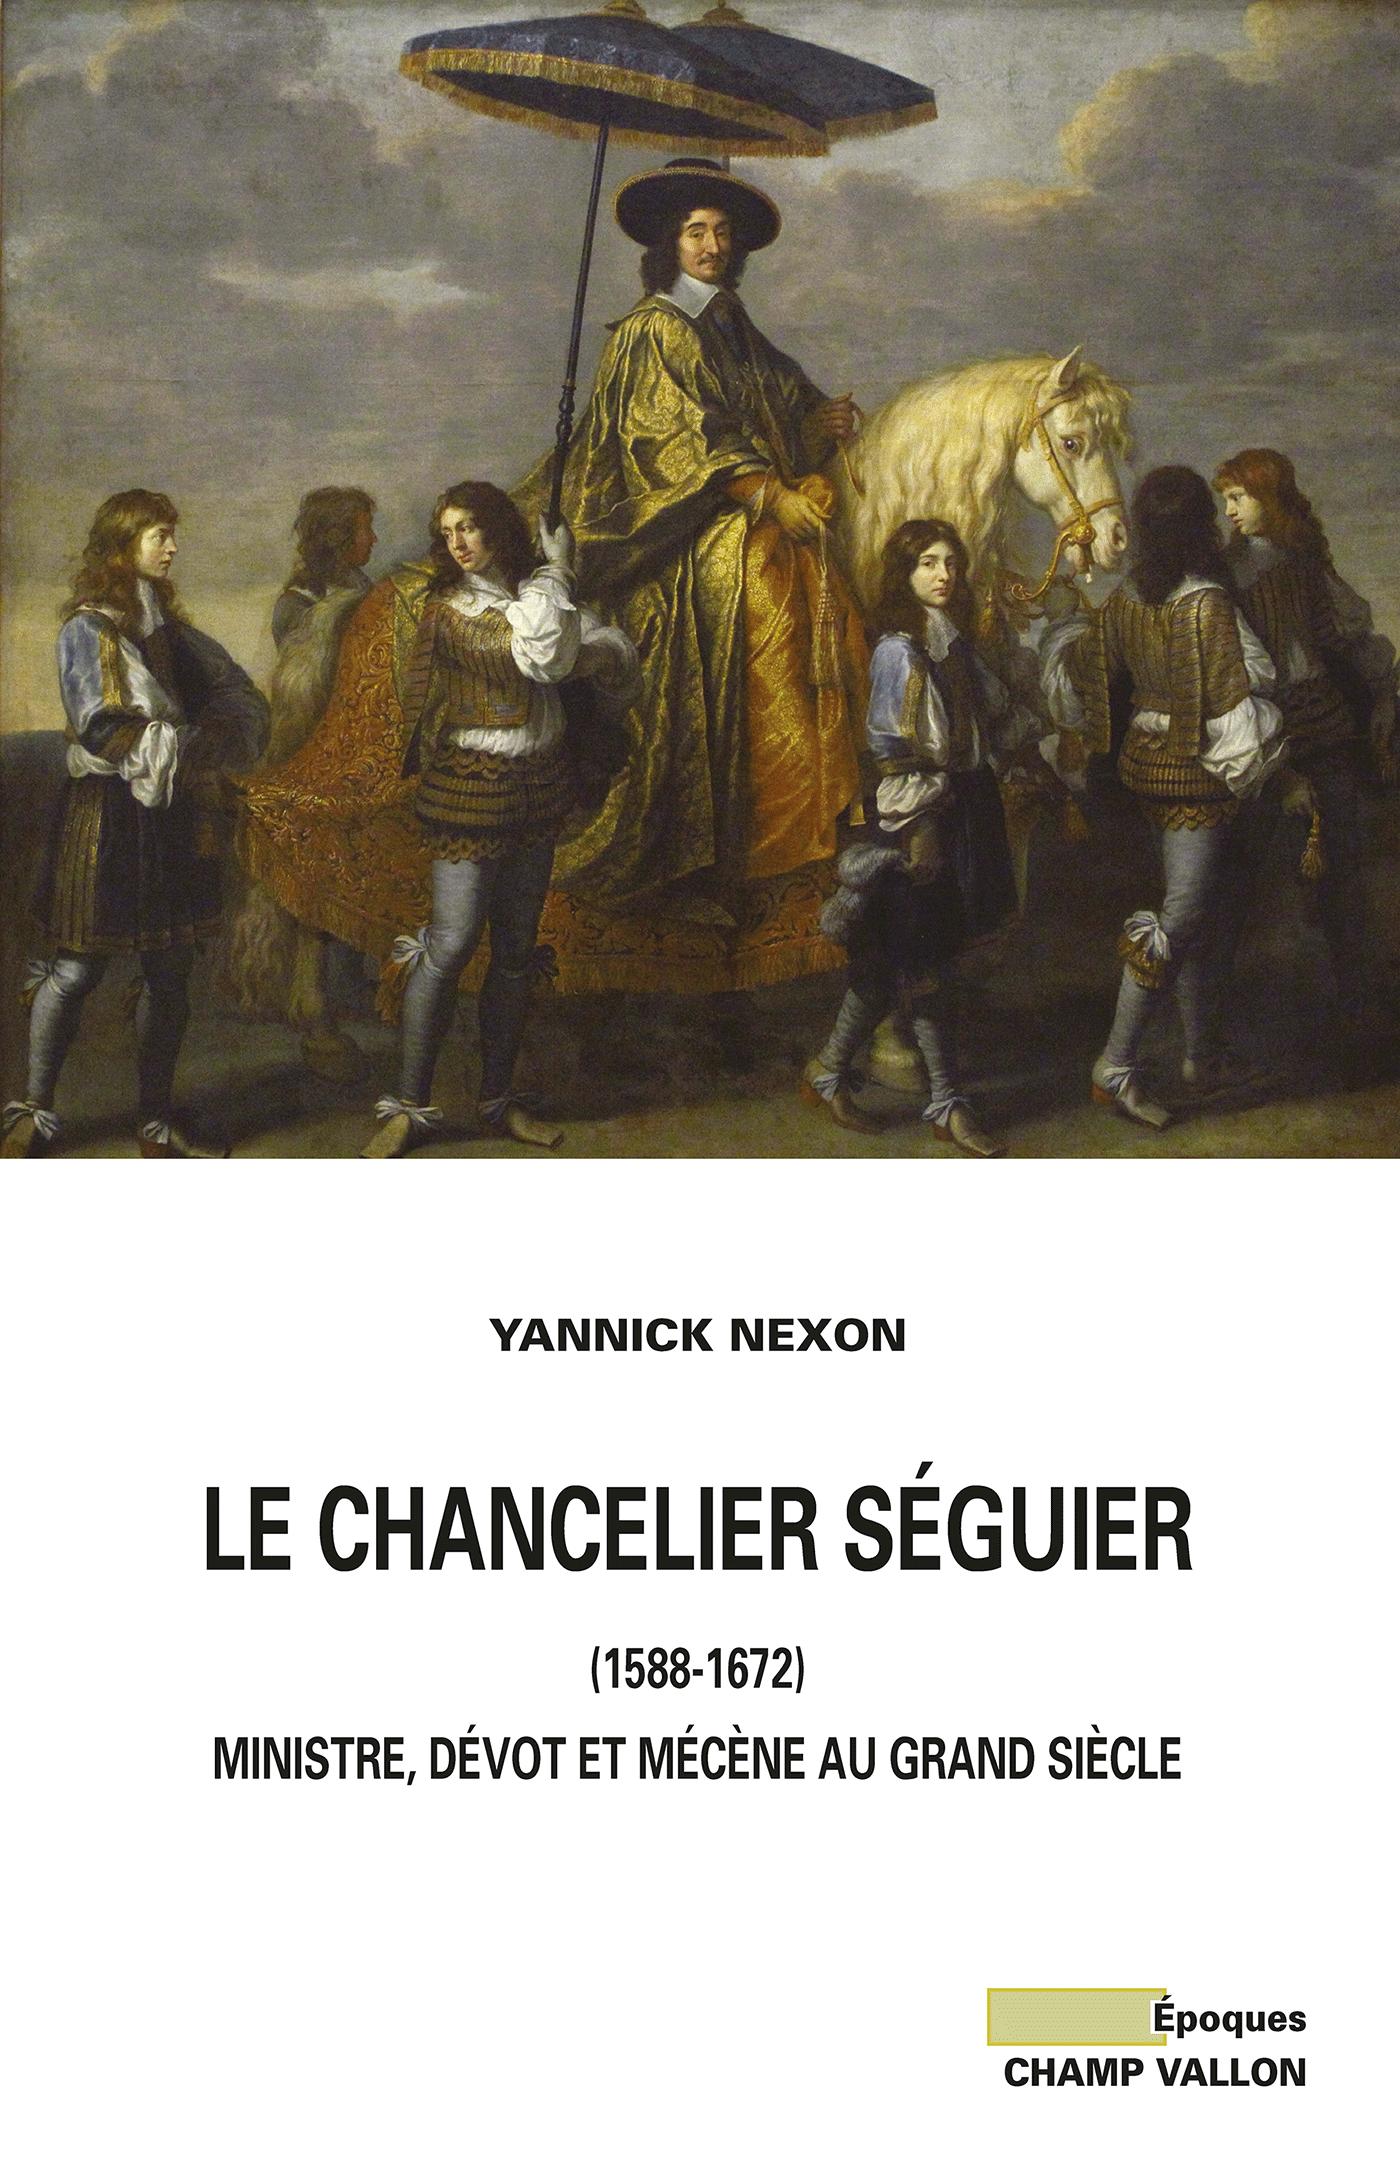 Le chancelier Séguier (1588-1672), Ministre, dévot et mécène au grand siècle